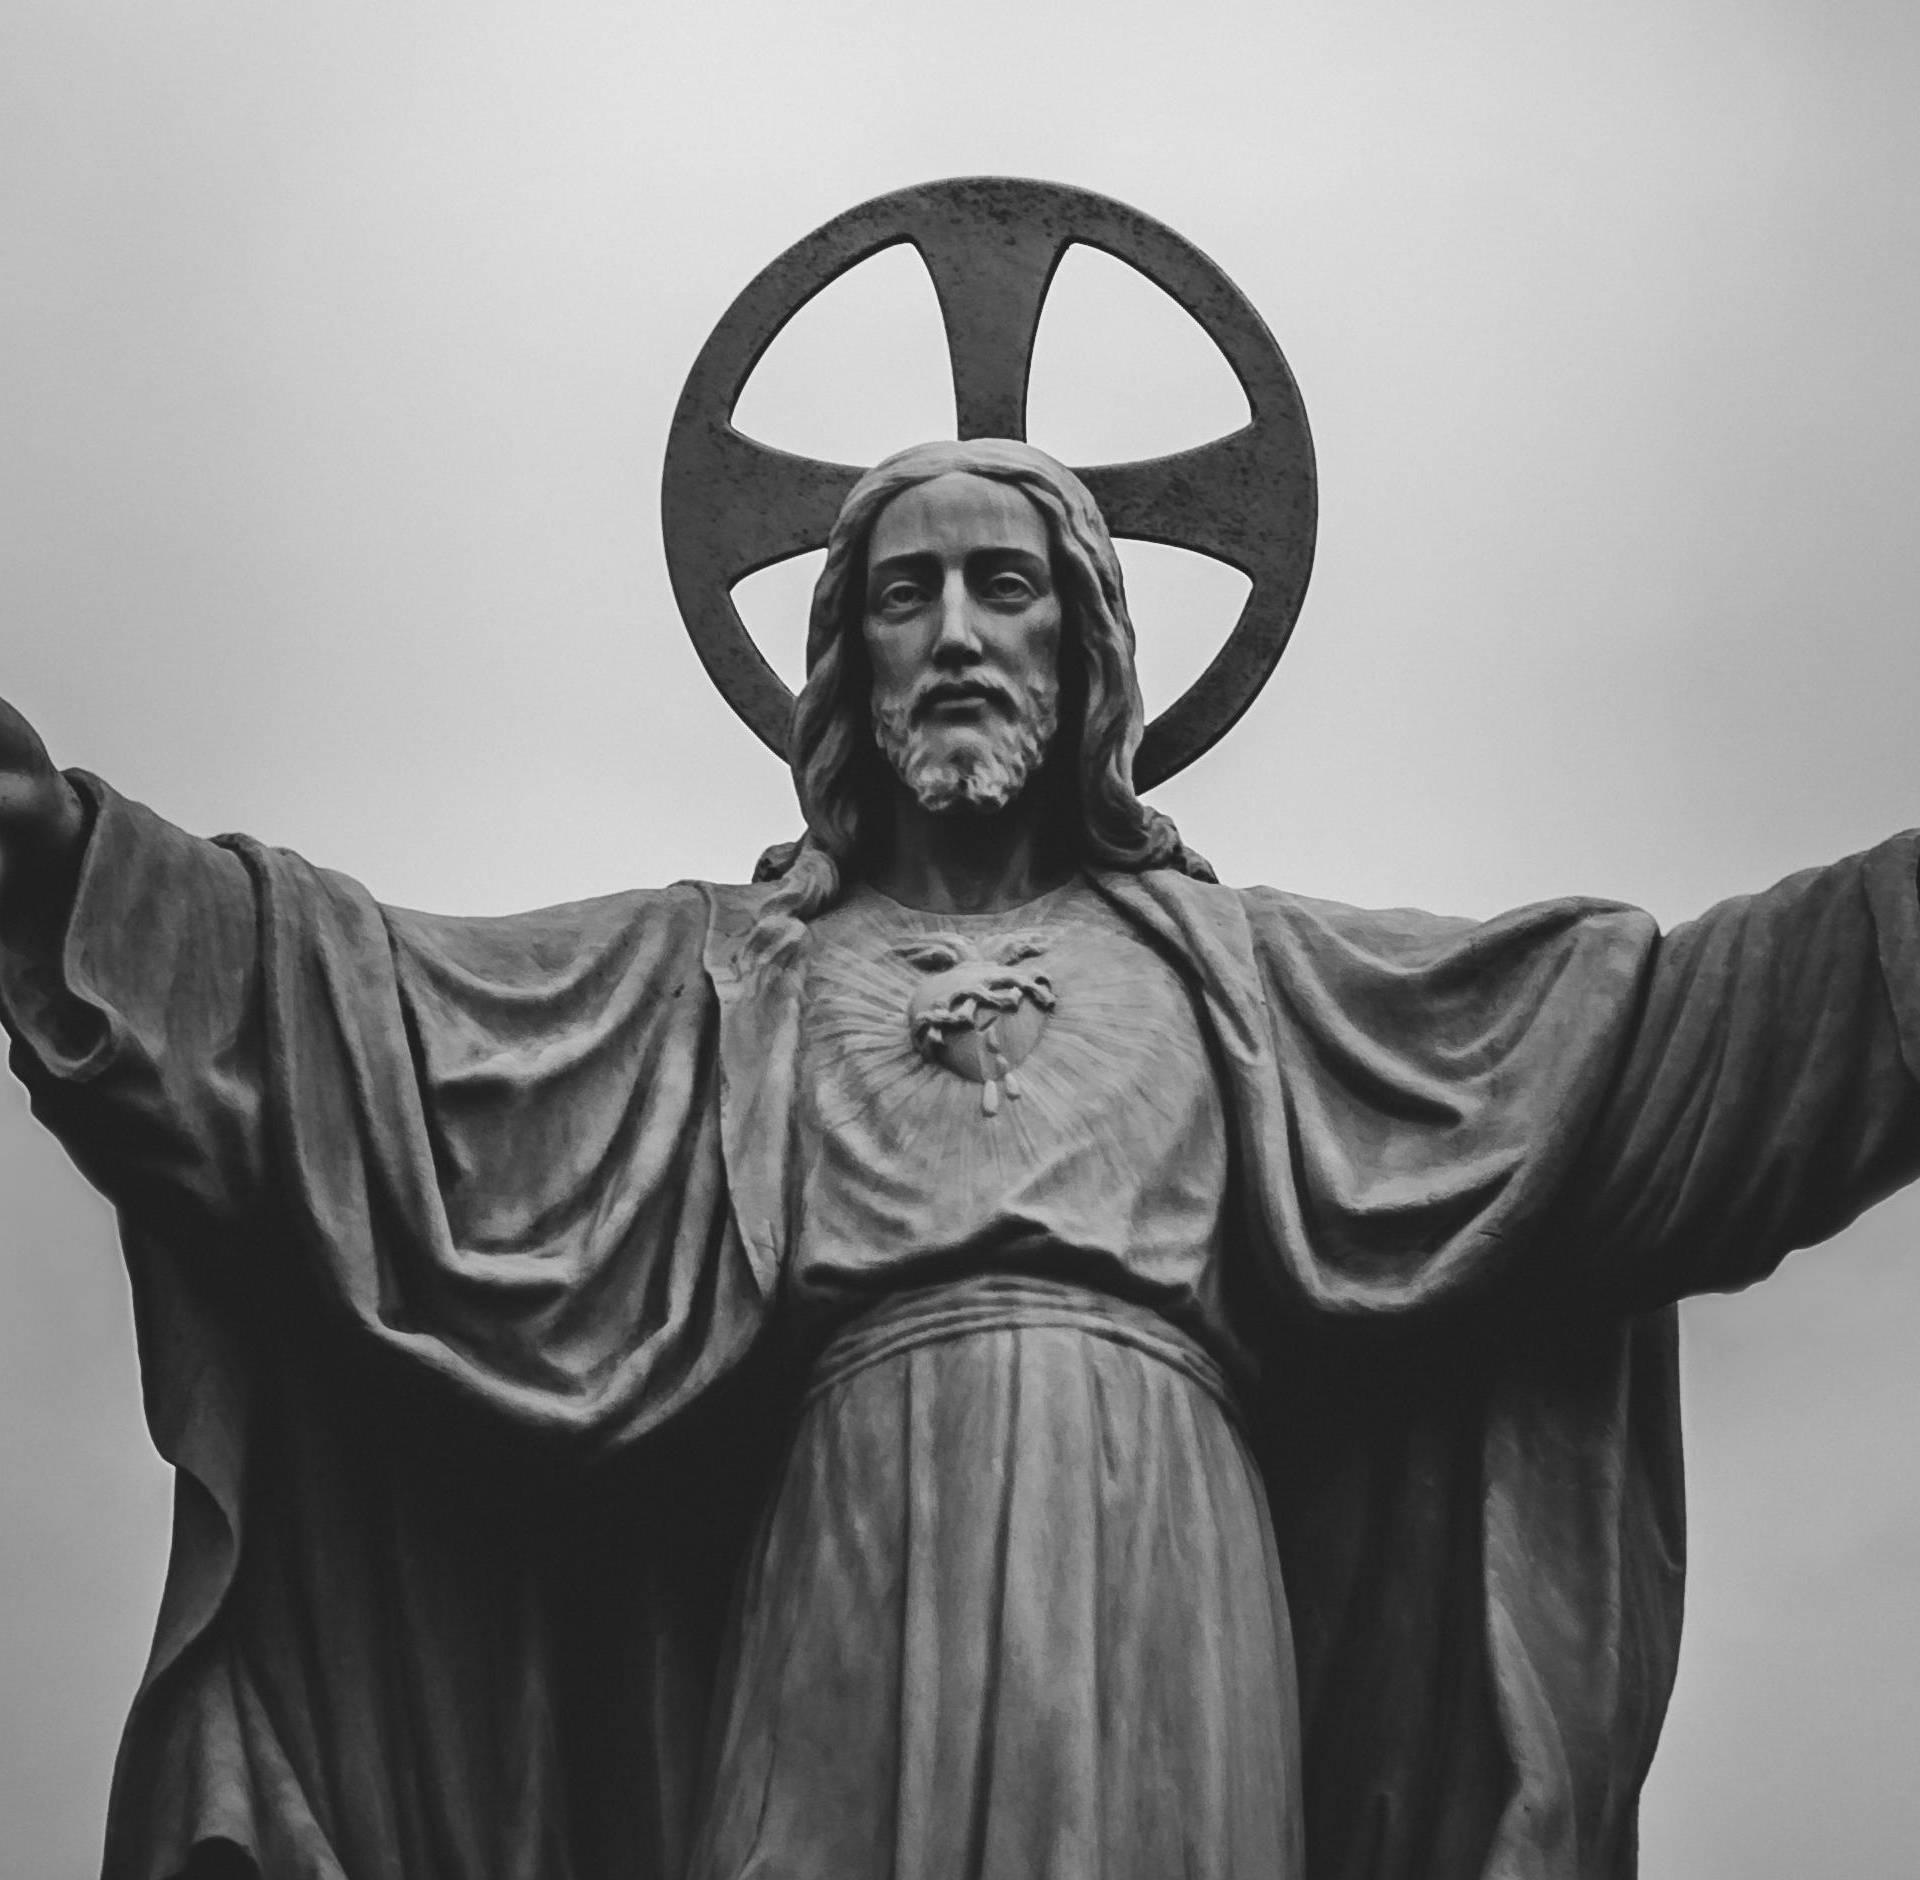 Traži se Bog. U crkvi sigurno nije, provjerila sam neki dan...